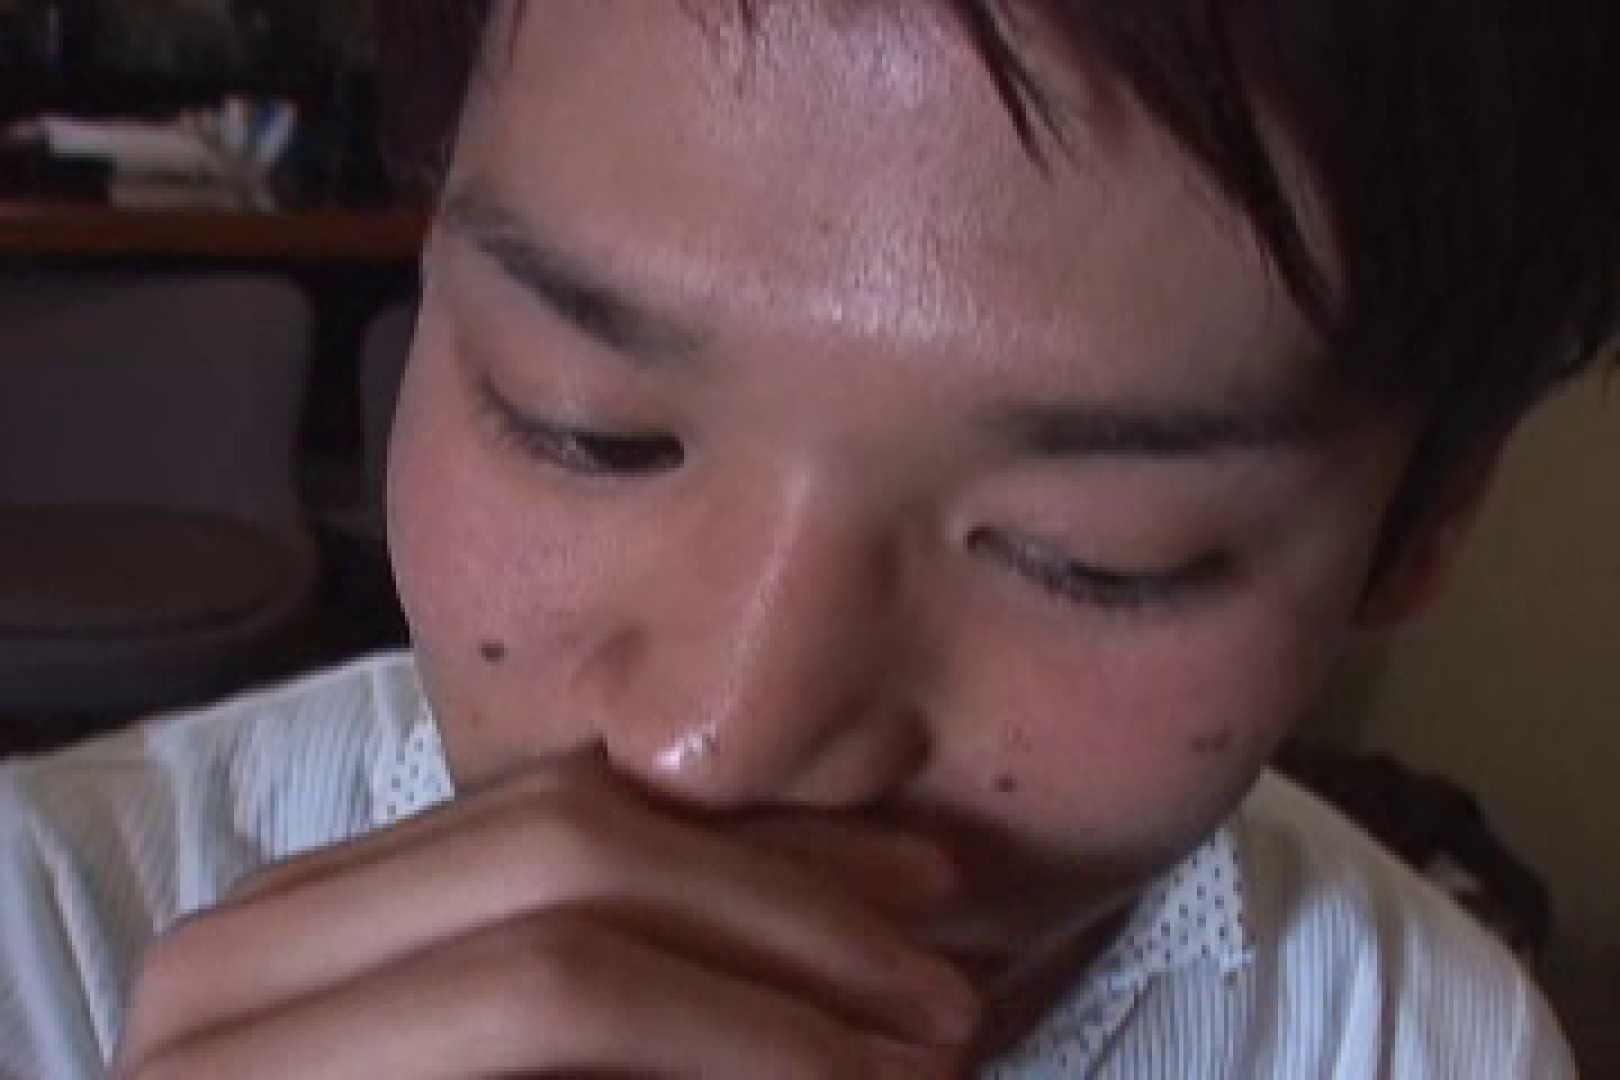 美しいmensは雄マラが大好き!!vol.07 フェラシーン ゲイエロ動画 65枚 2